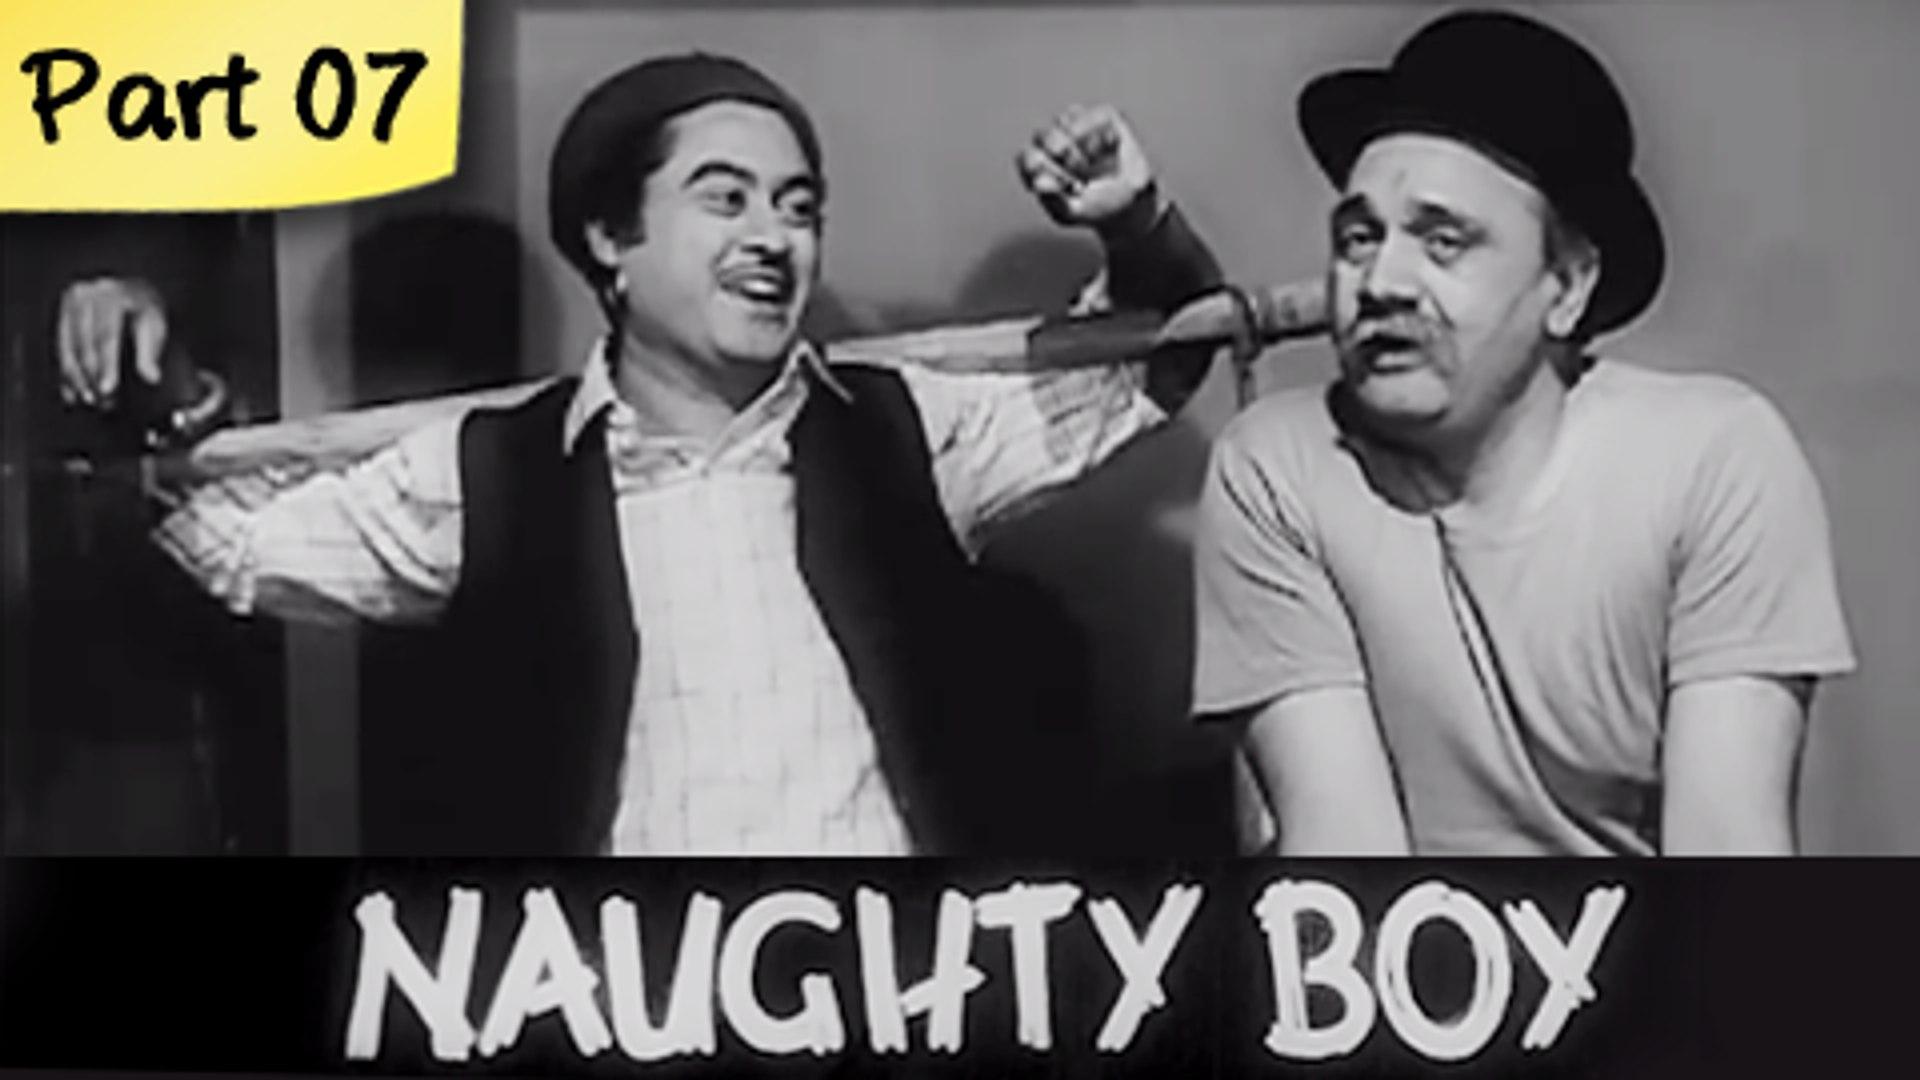 Naughty Boy - Part 07/09 - Classic Funny Hit Hindi Drama Movie - Kishore Kumar, Kalpana